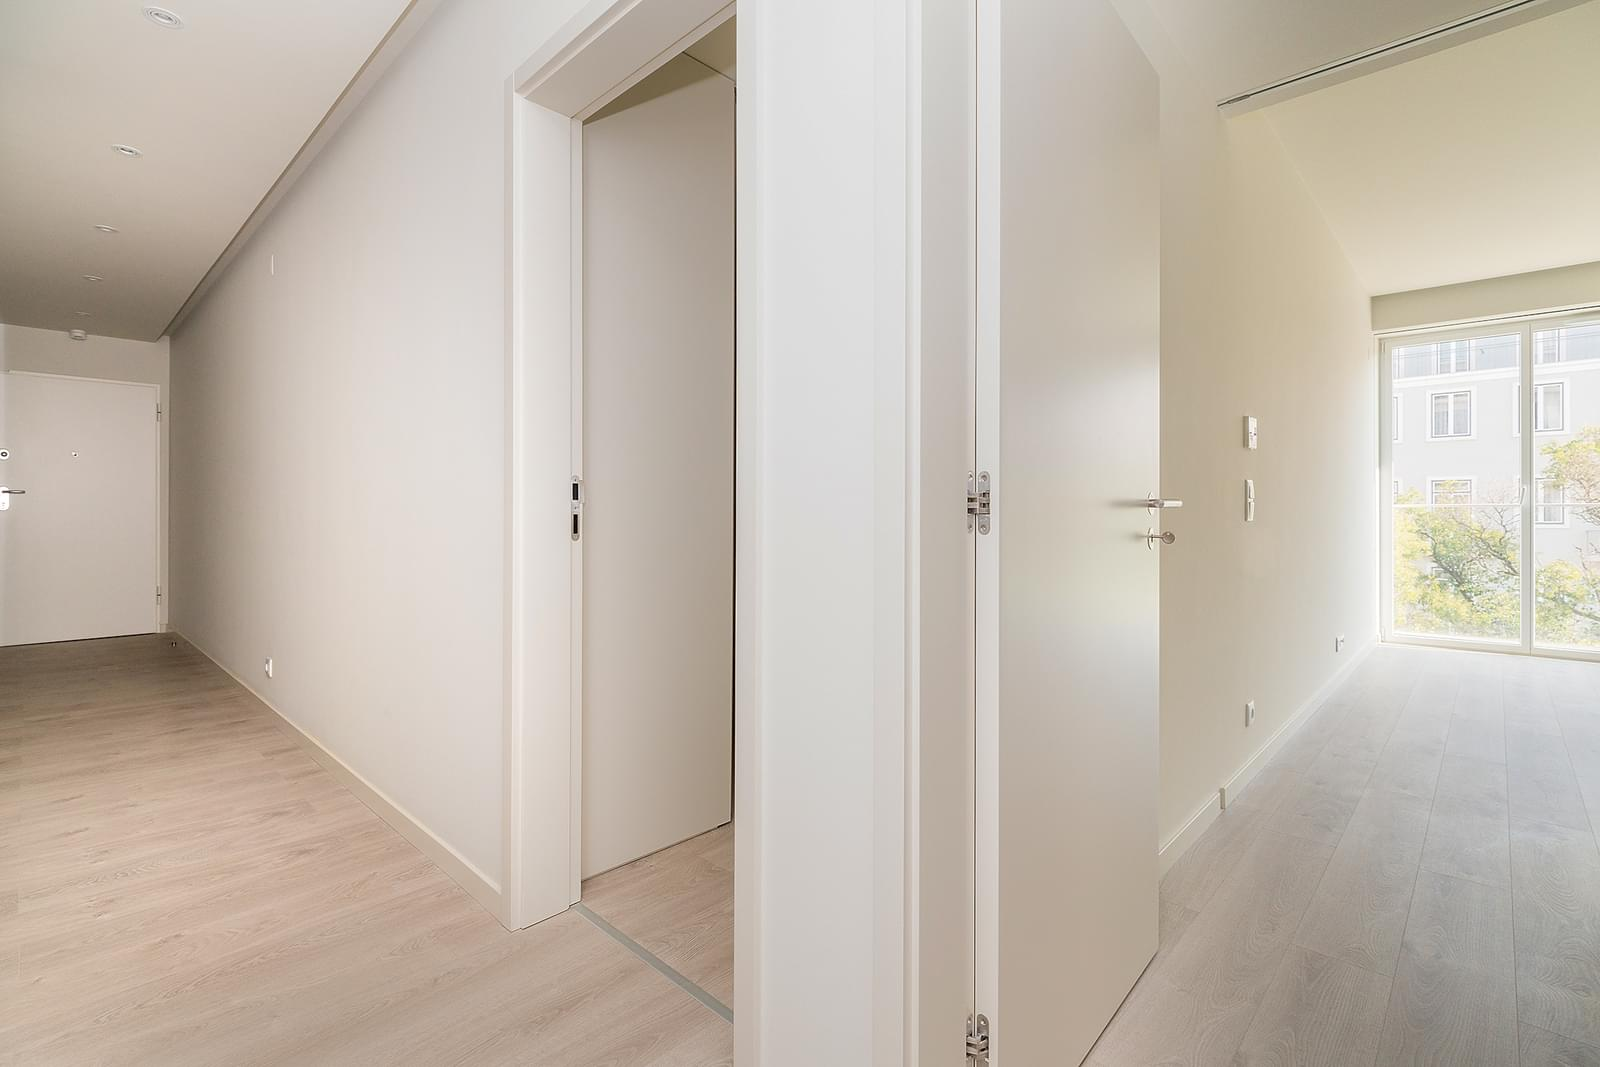 pf18308-apartamento-t2-lisboa-81857a8a-3696-42a0-b1ec-d9aa2620d3eb